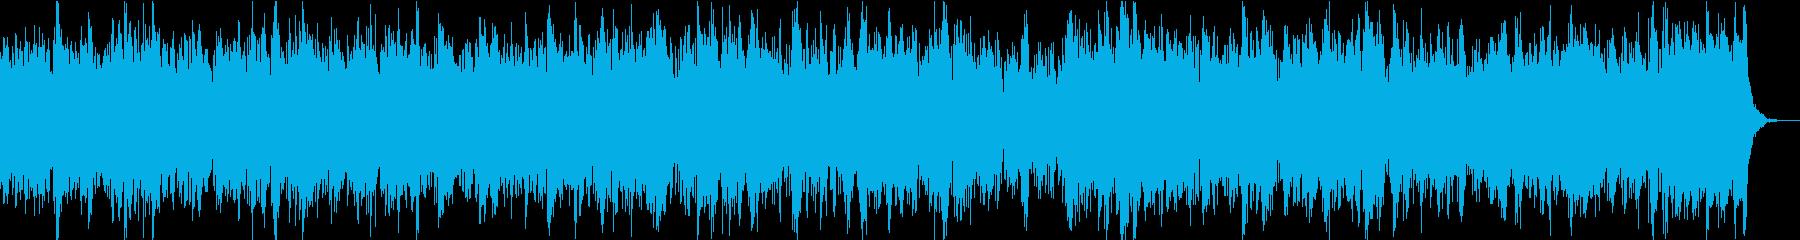 ニュースや科学映像向き無限ループ系BGMの再生済みの波形